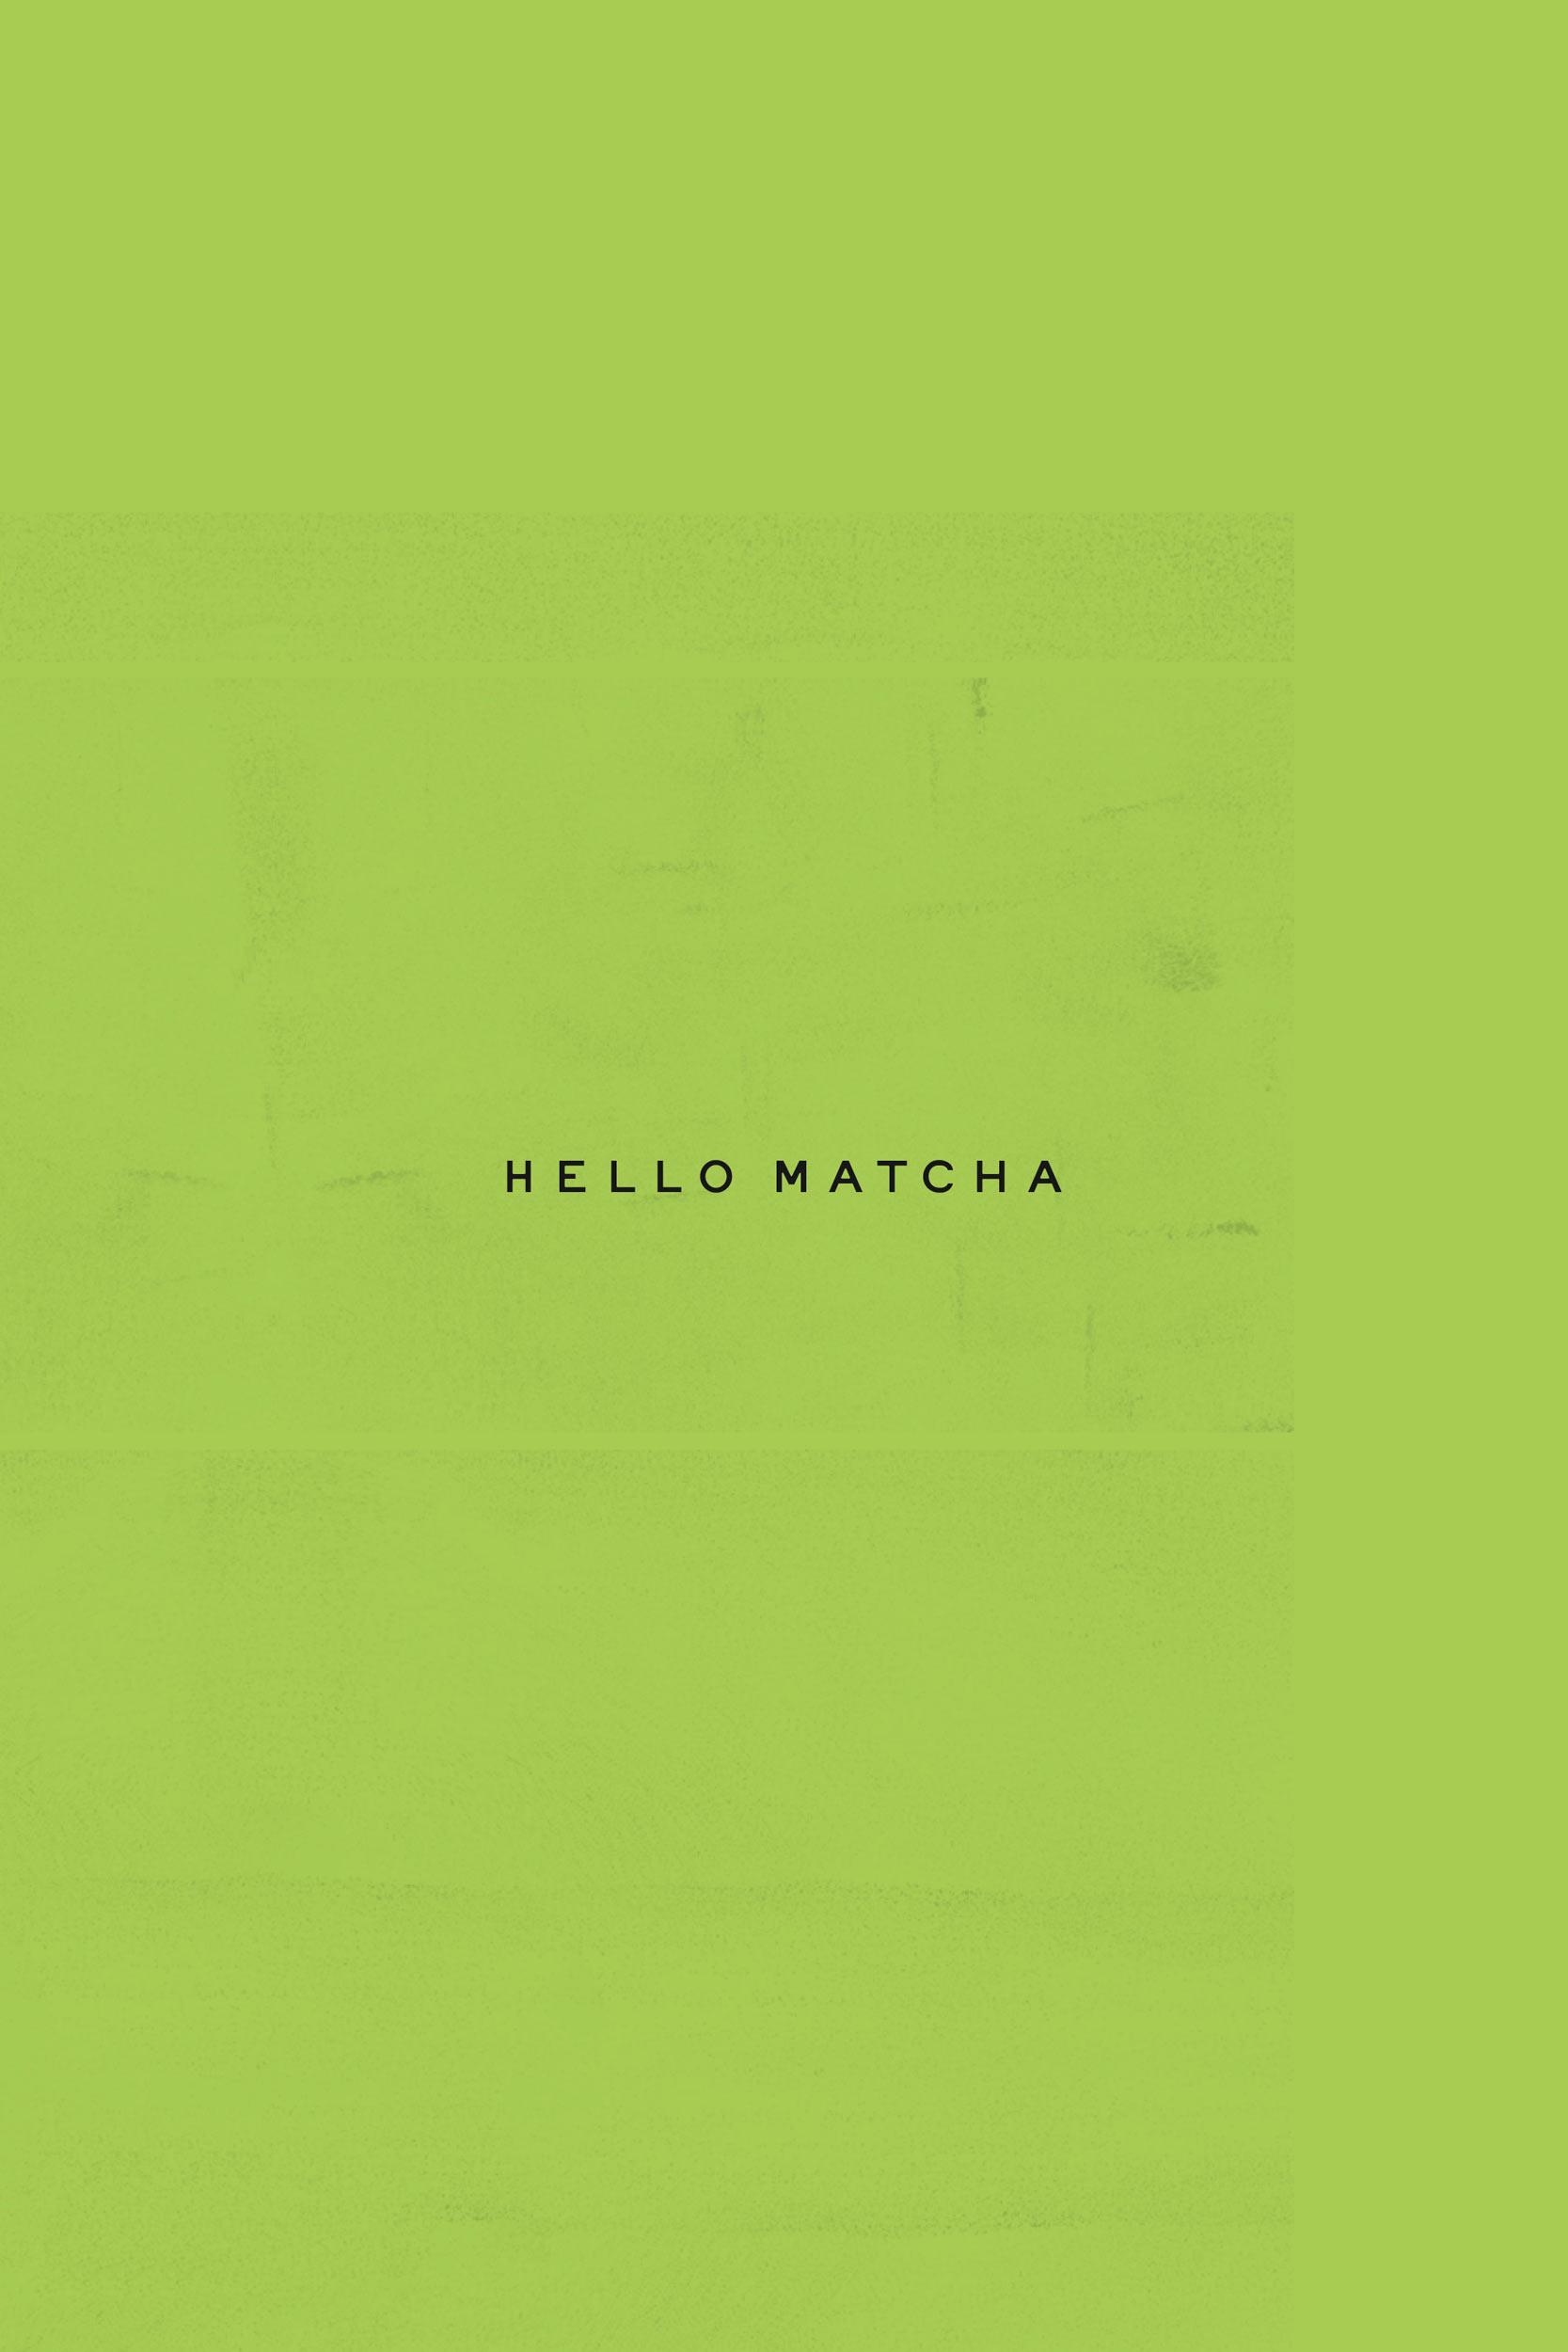 HELLOMATCHA20_fot-green_2500